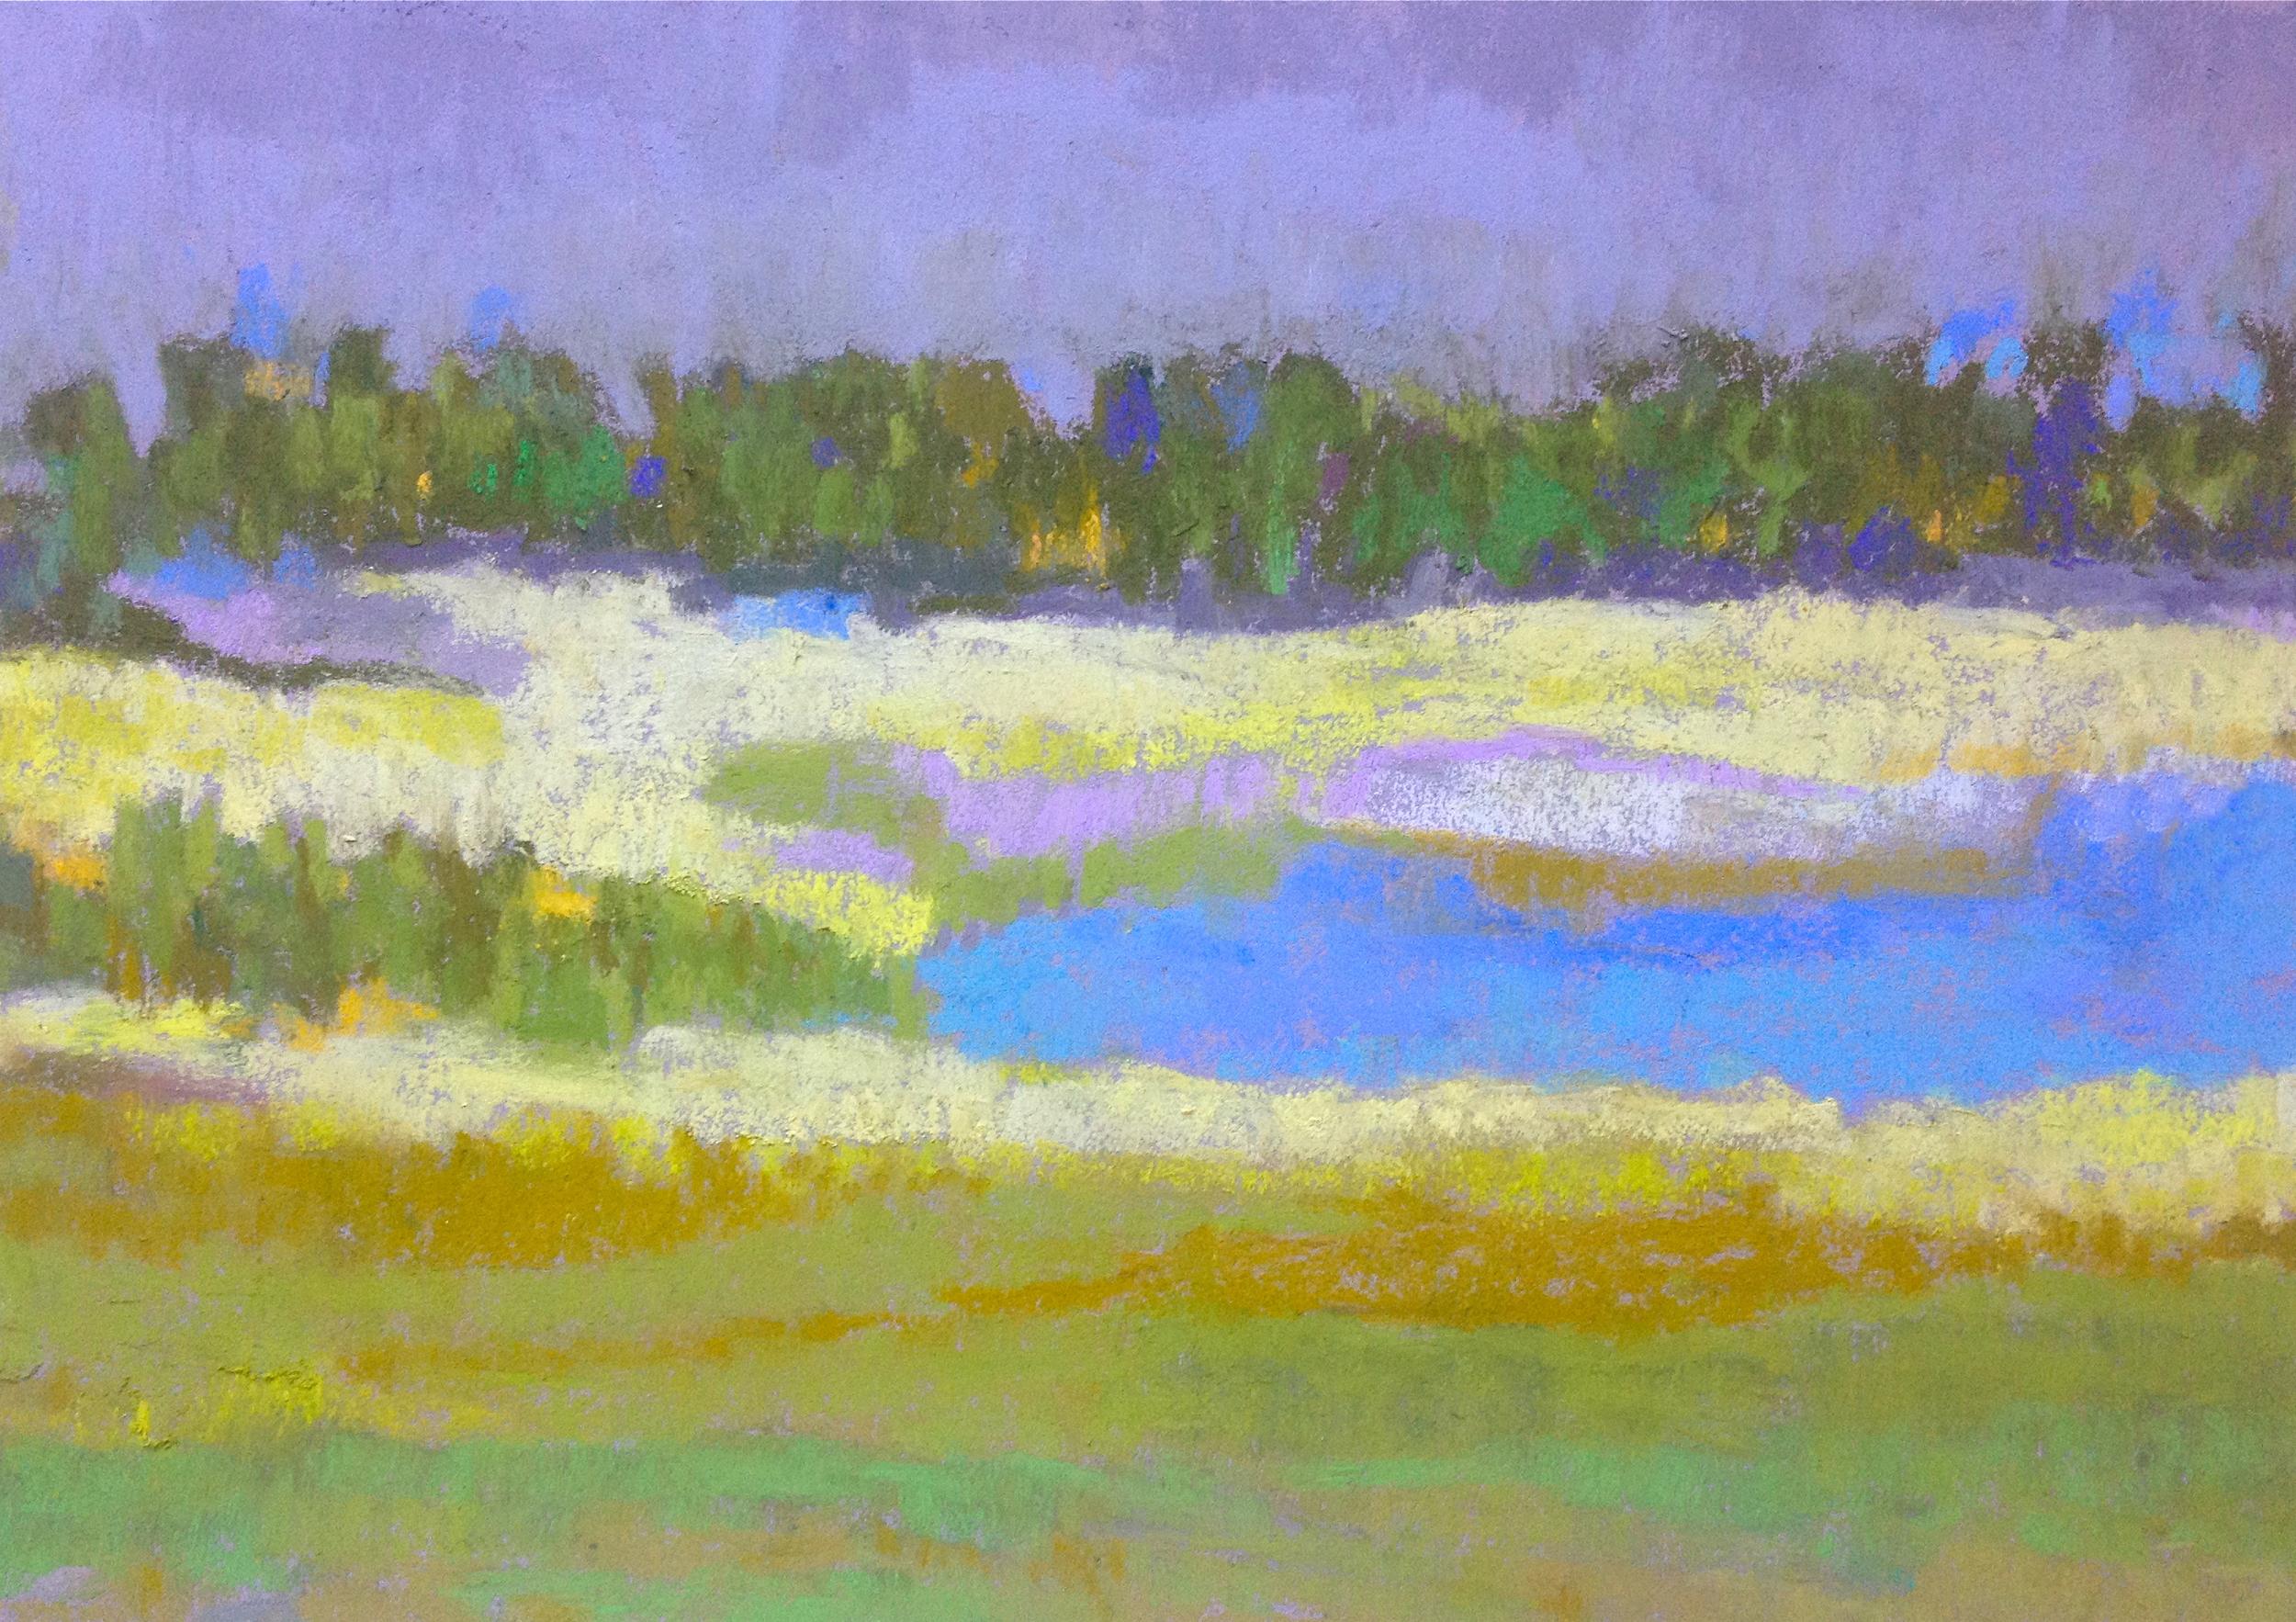 Summer Landscape Pastel on Paper, 2015